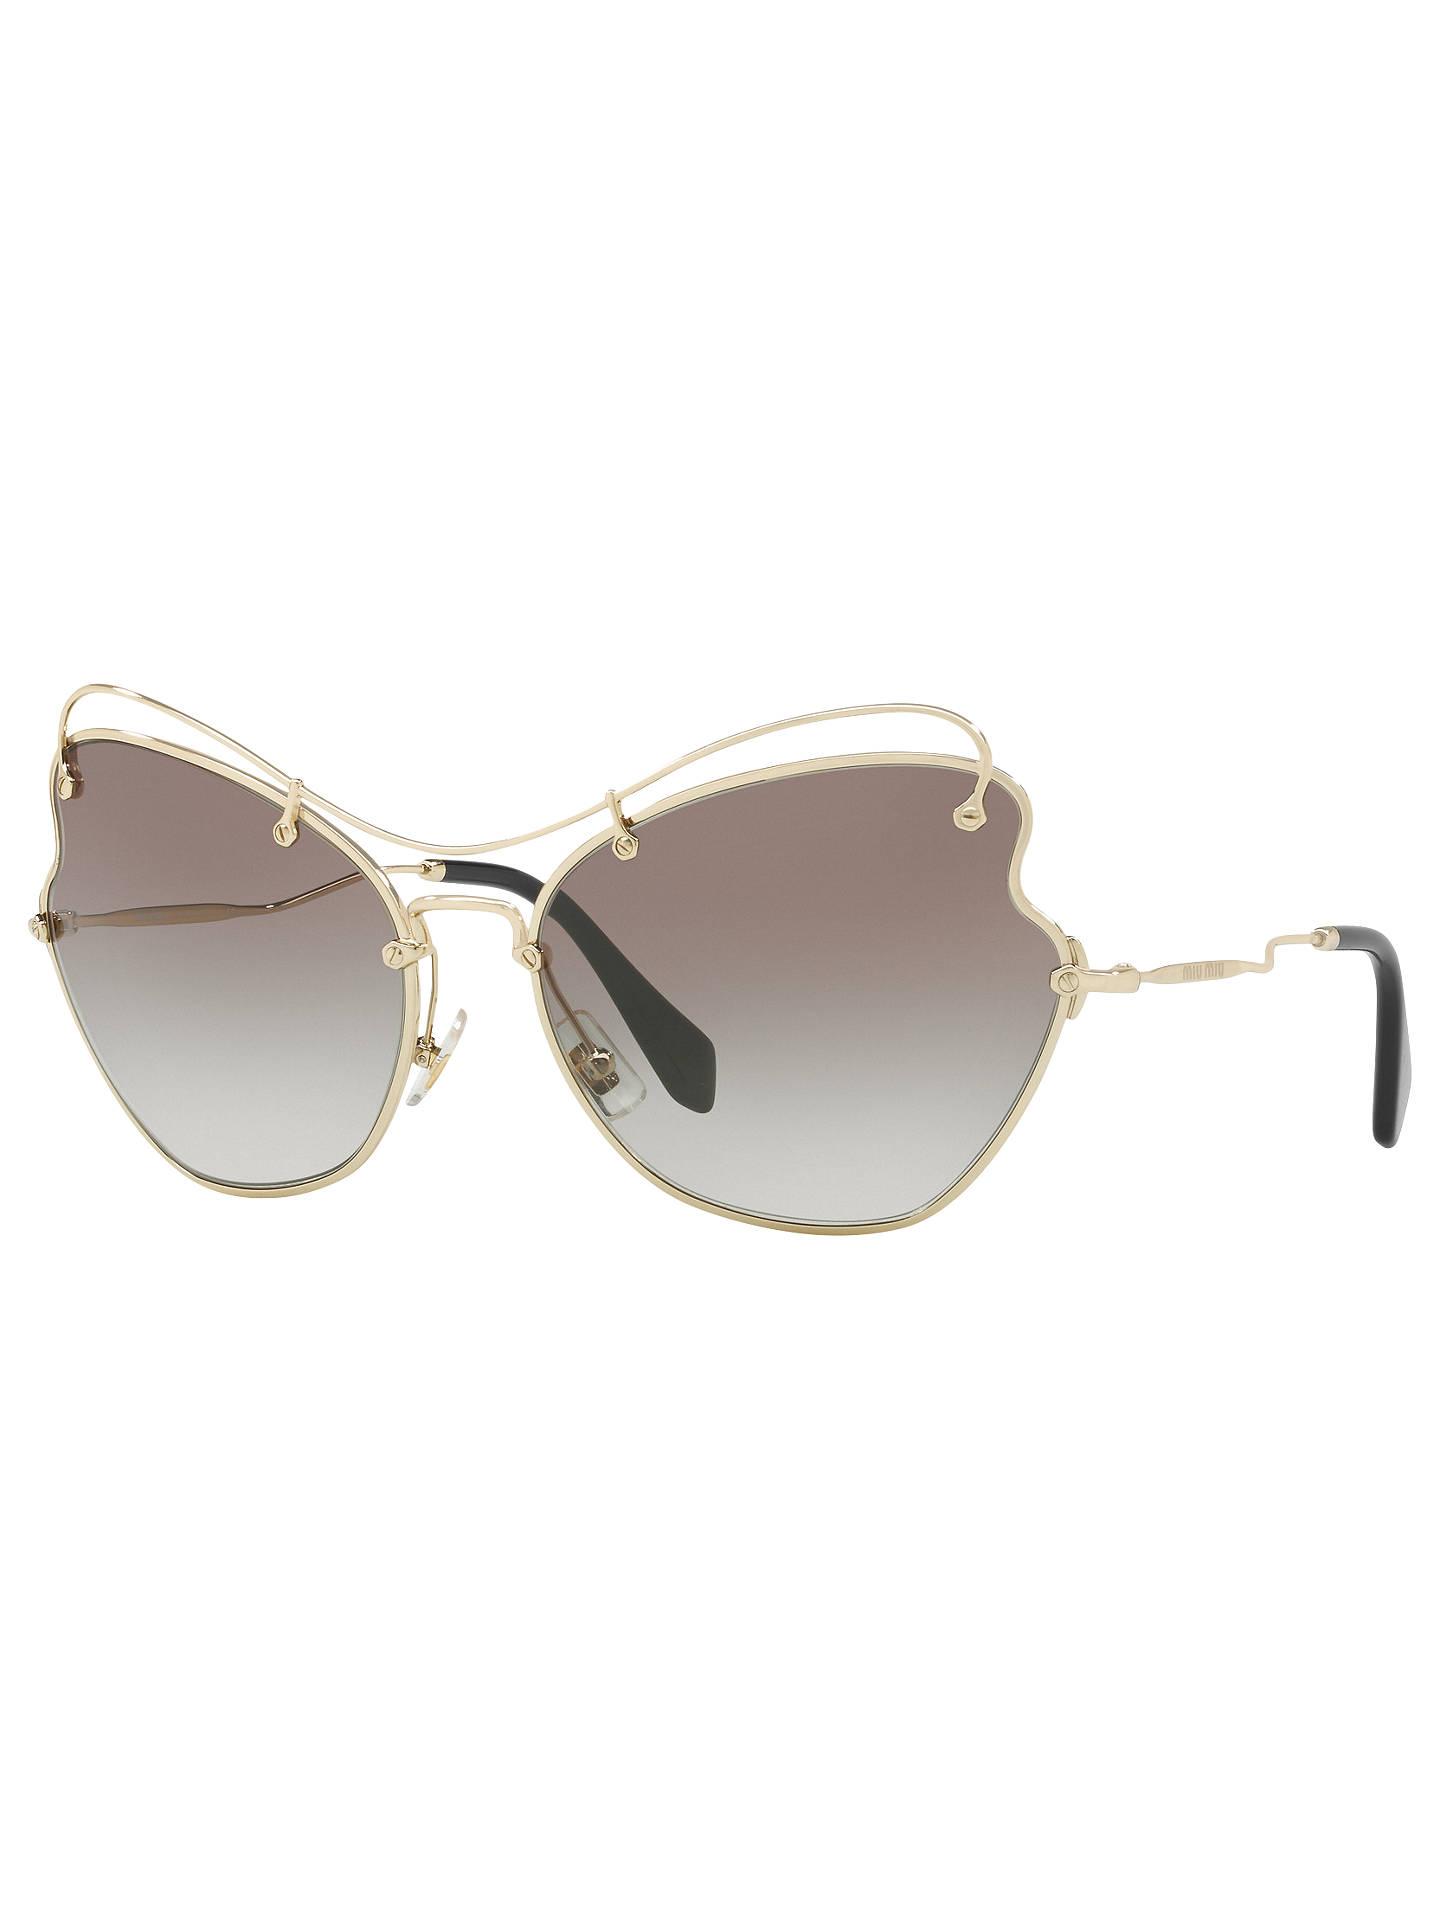 c6698defa57 Miu Miu MU 56RS Cat s Eye Sunglasses at John Lewis   Partners